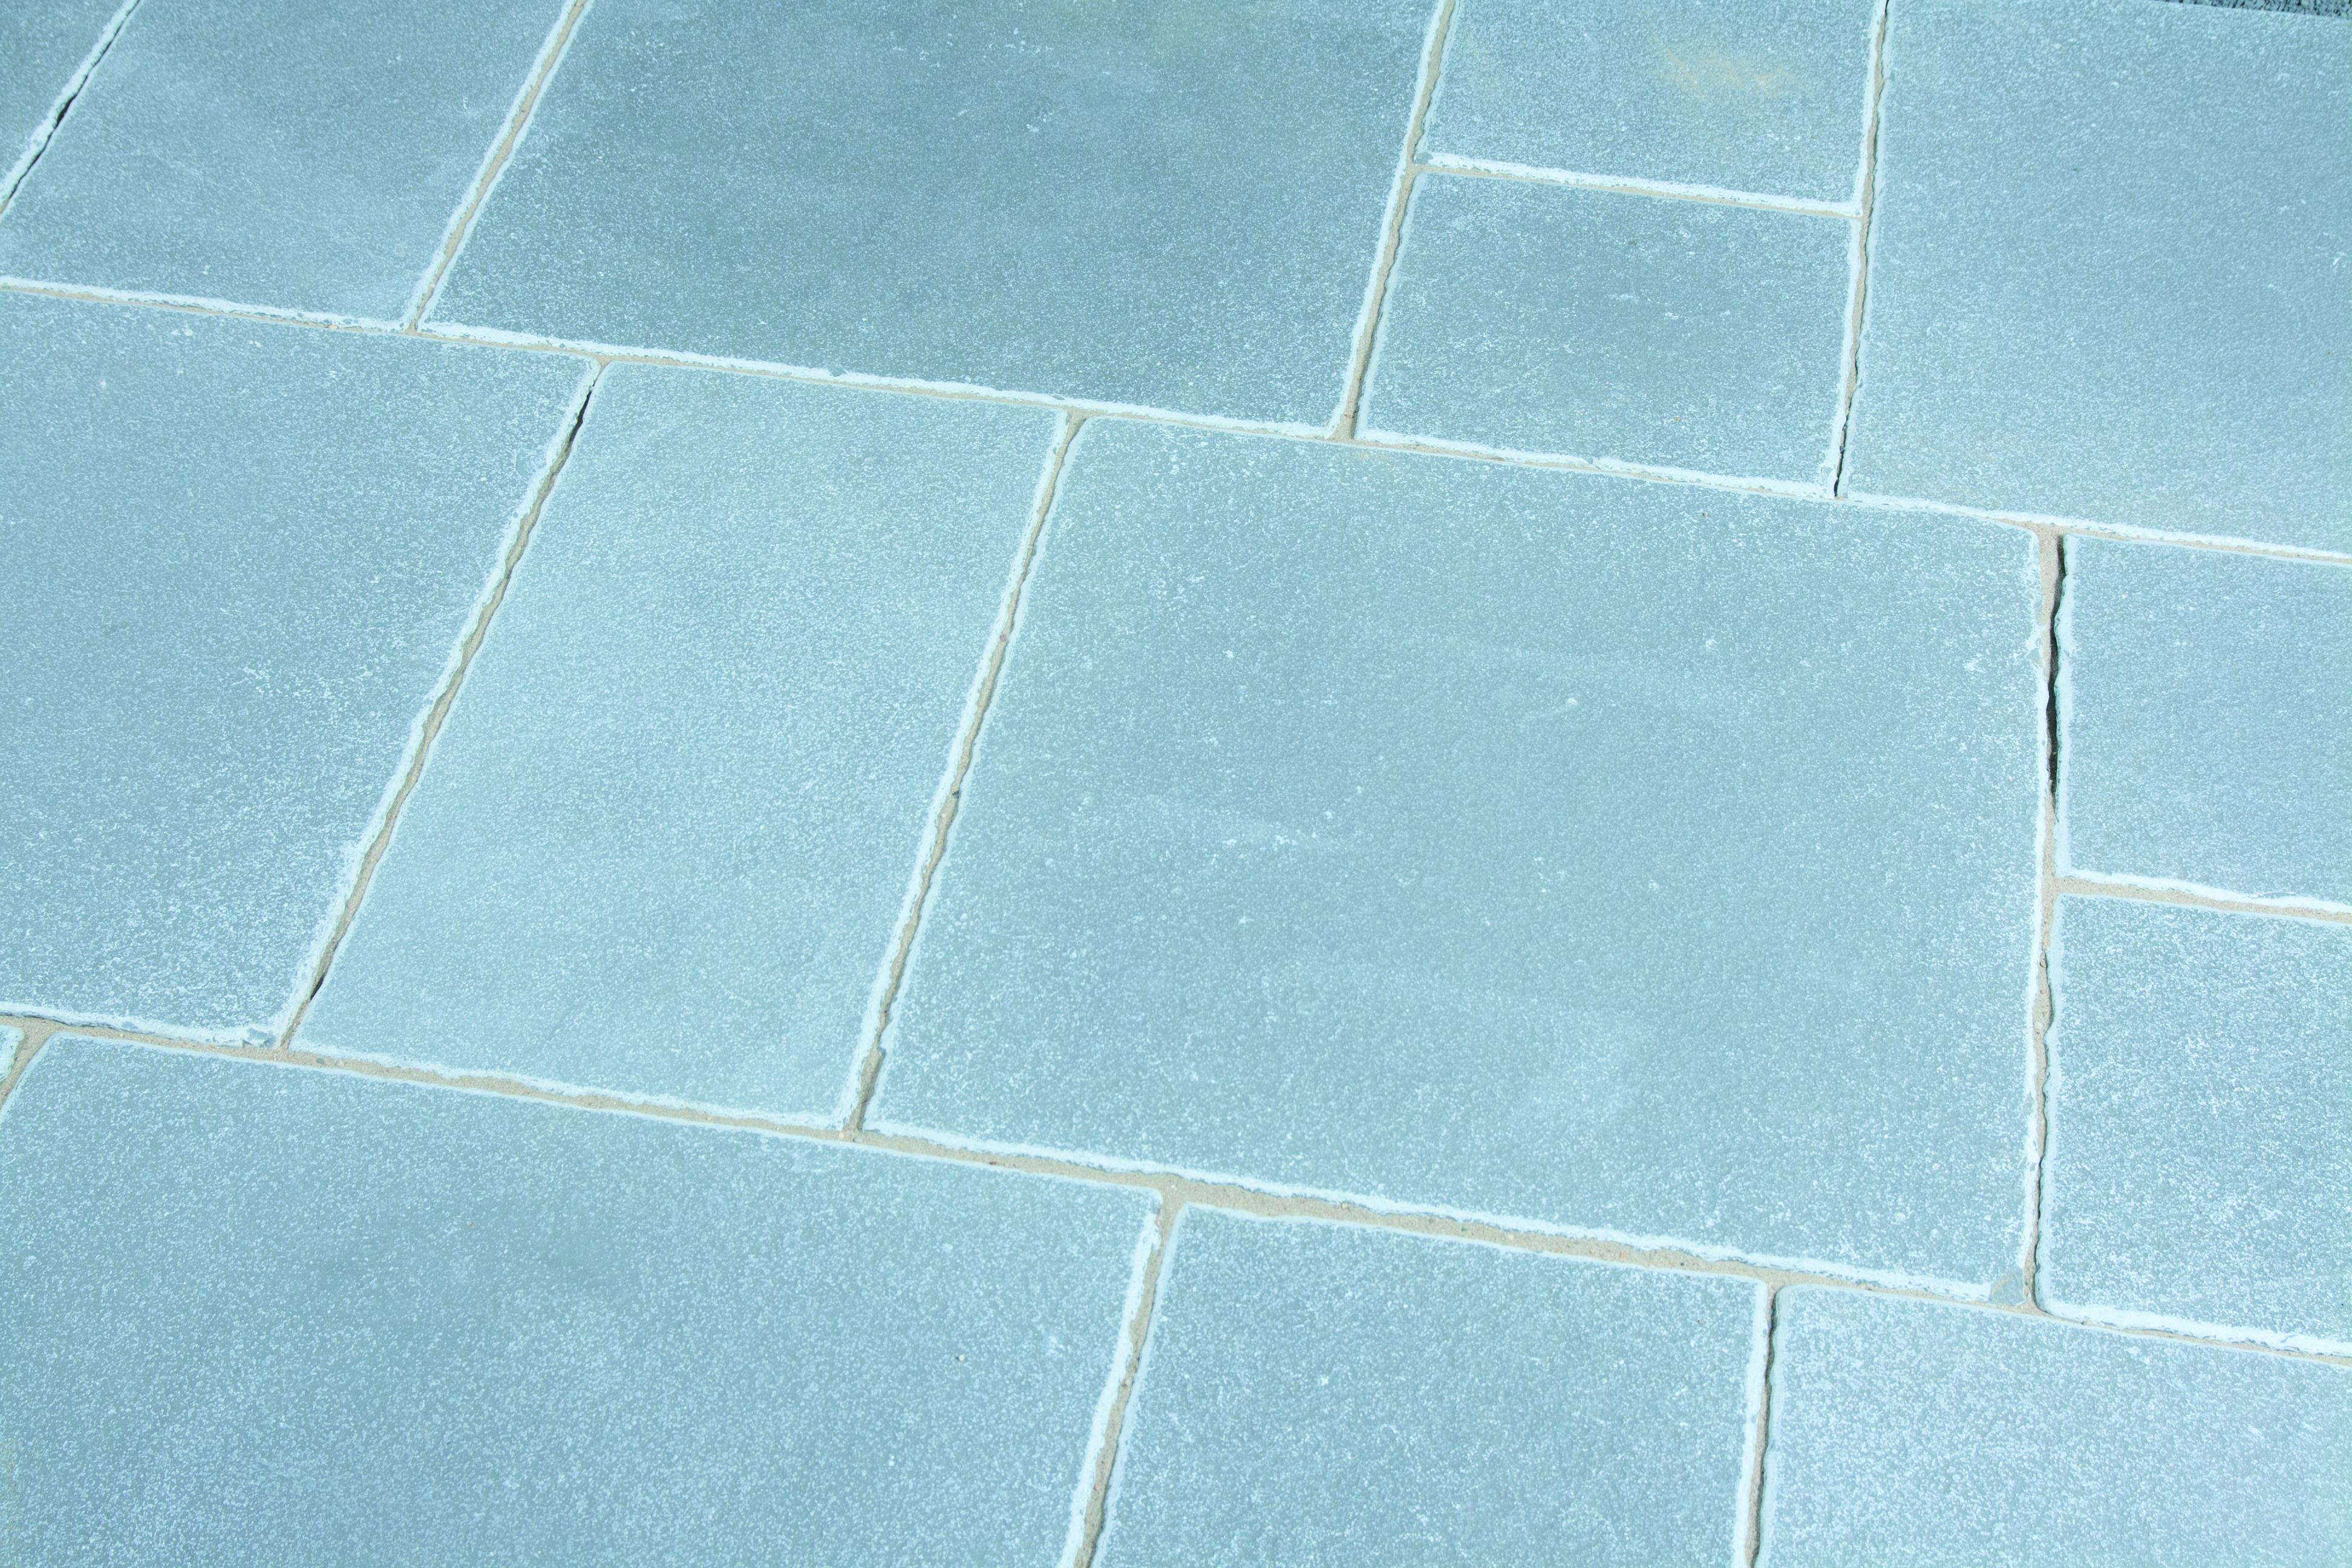 Marrakesch 30x30x3cm grau blau